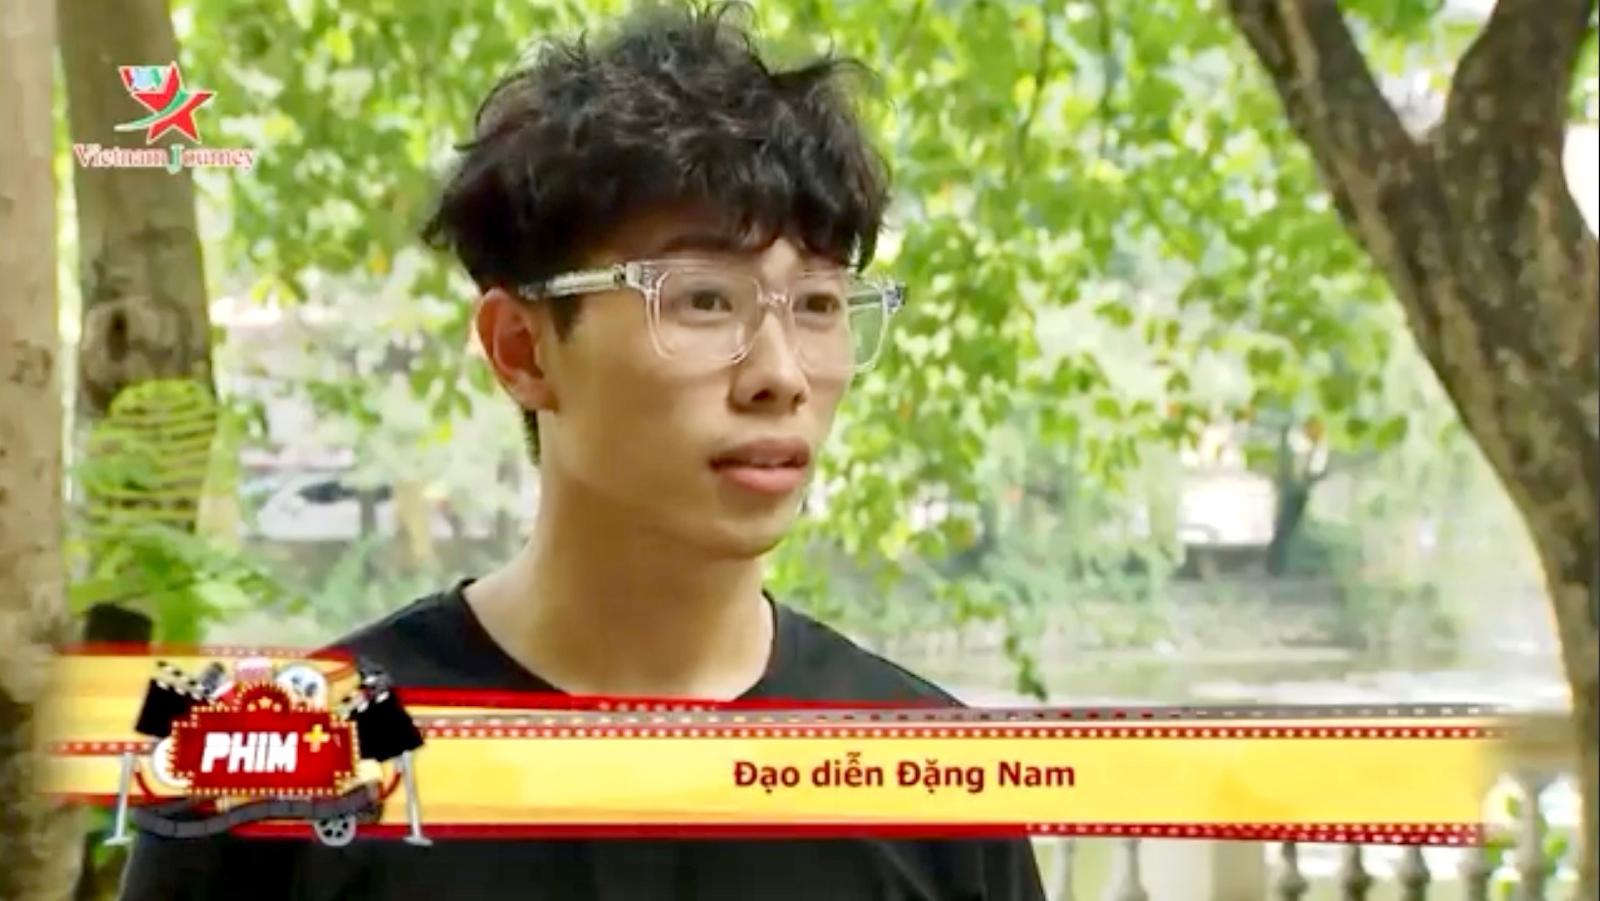 """""""Tôi làm nghệ thuật vì cái tâm """" – Đạo diễn trẻ Đặng Nam mát tay với những sản phẩm triệu views  - Ảnh 3"""